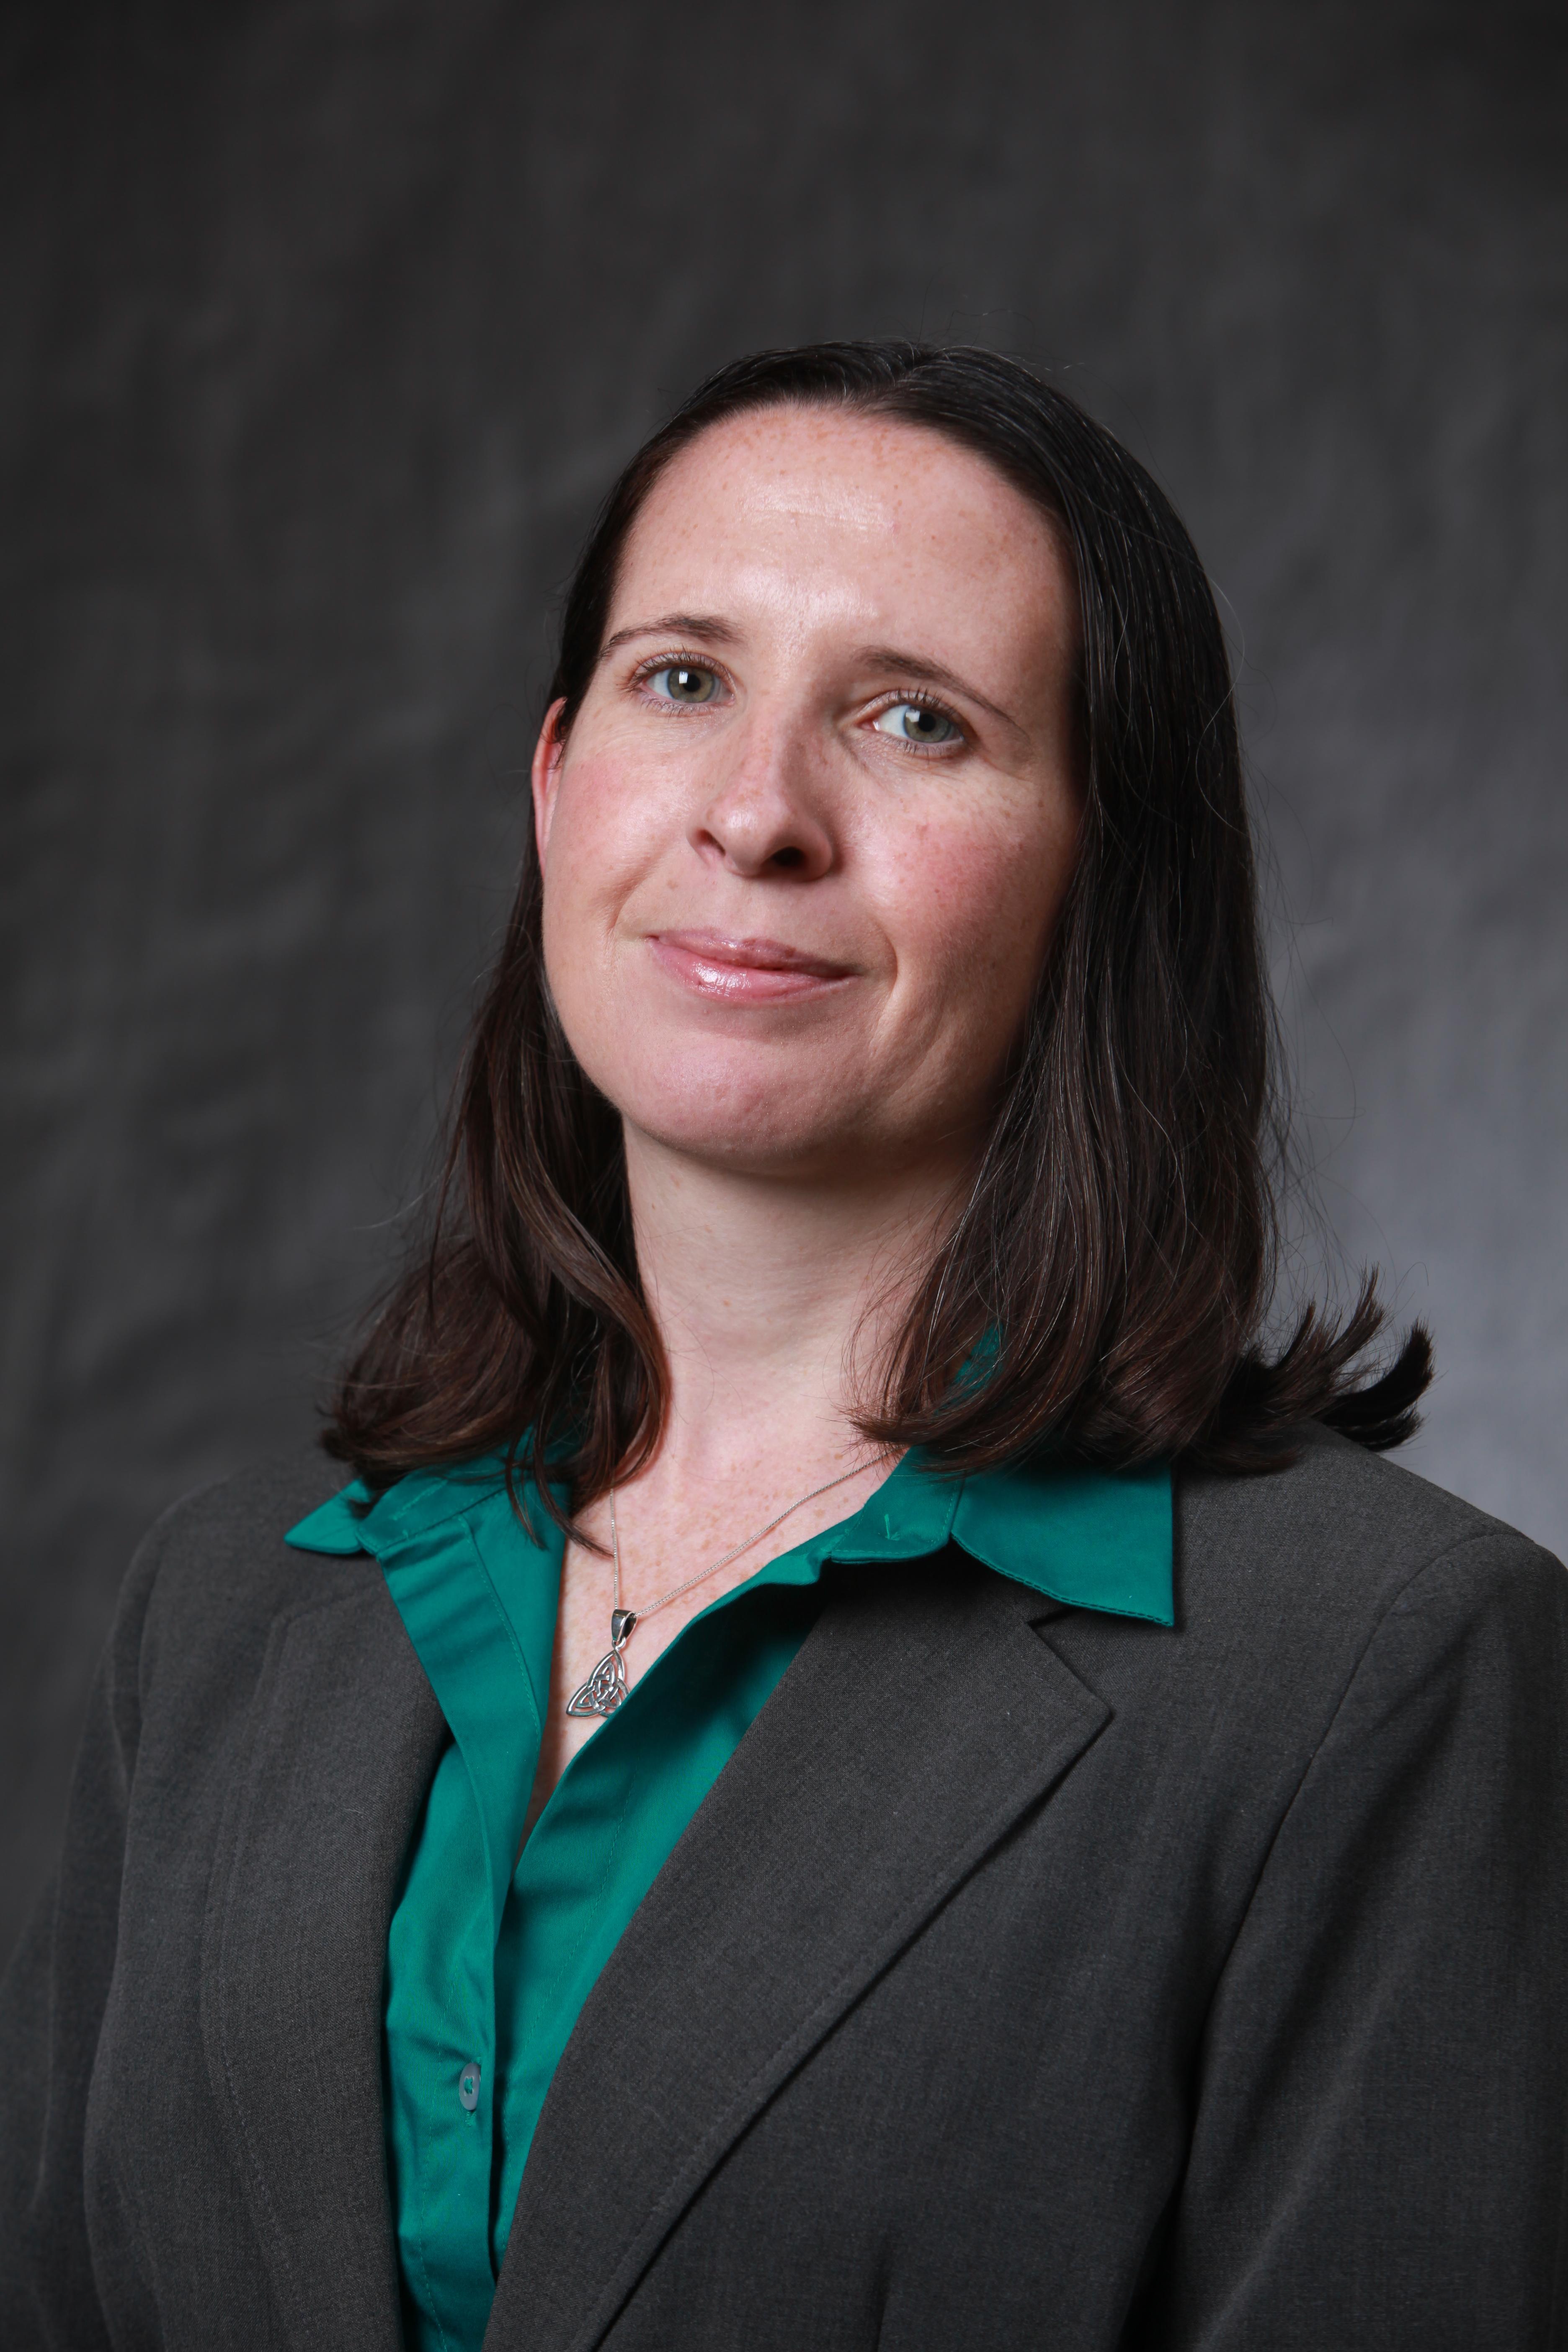 Karen Sonnelitter